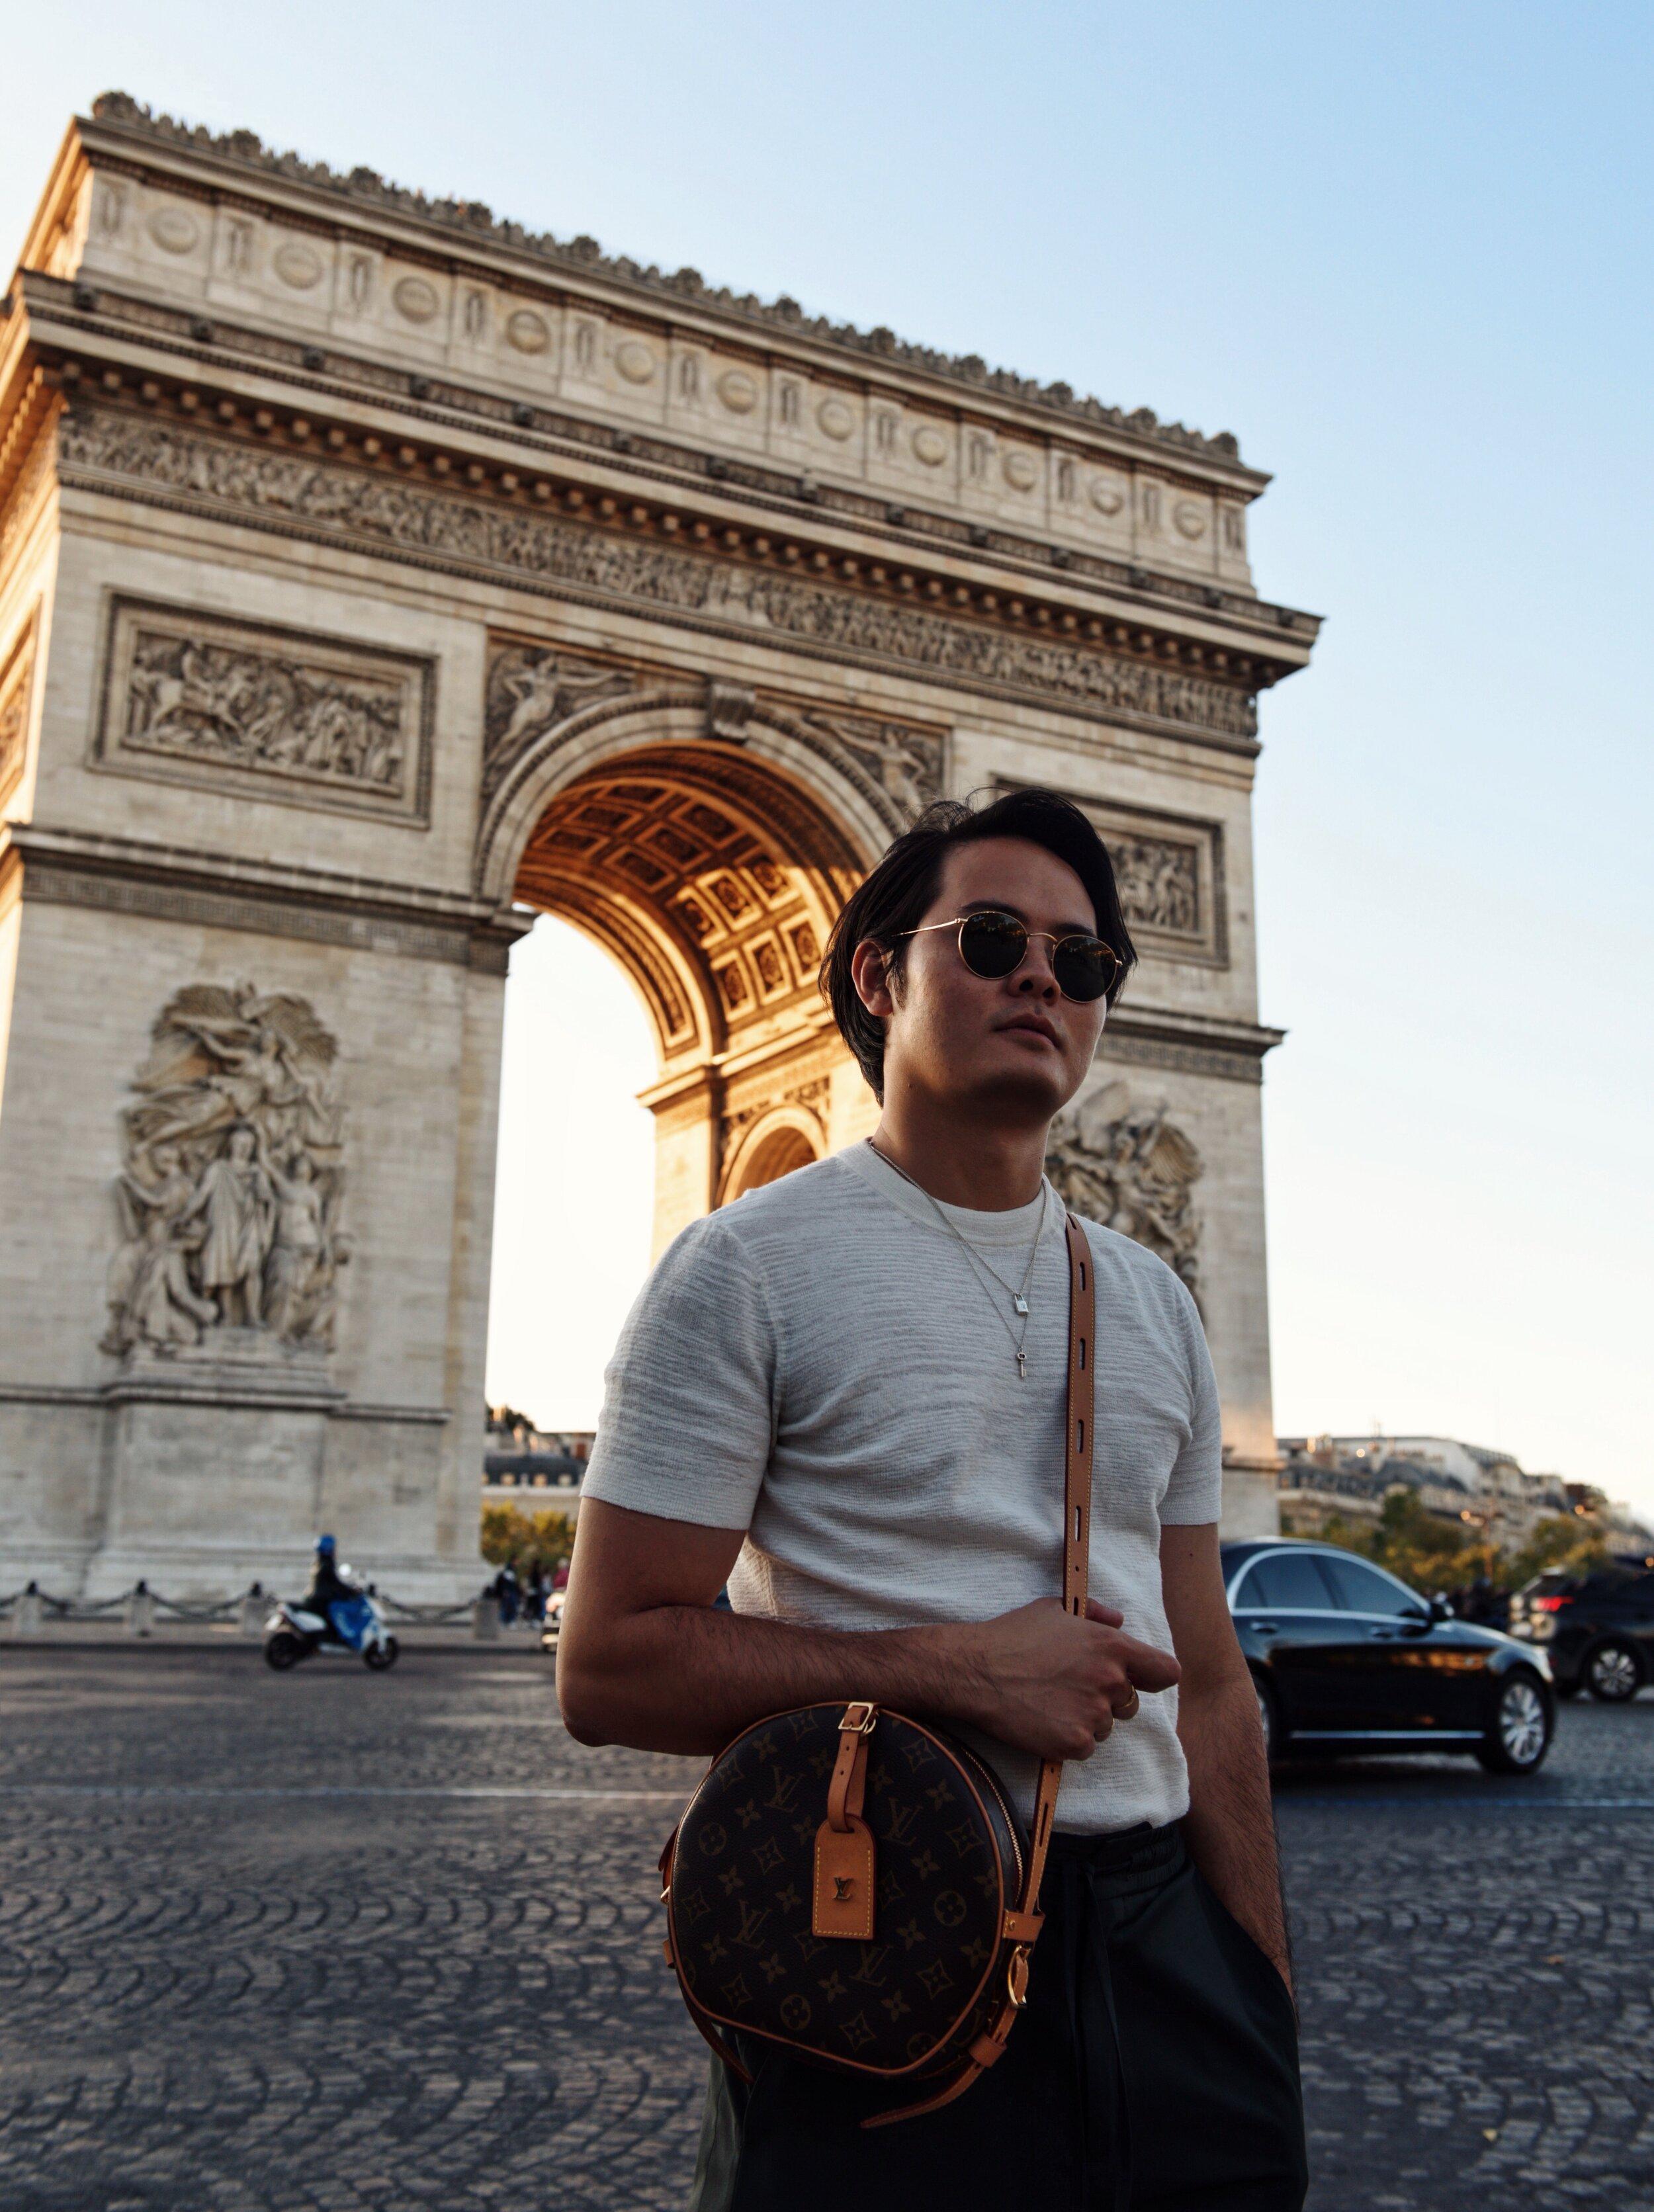 Paris arc triomphe